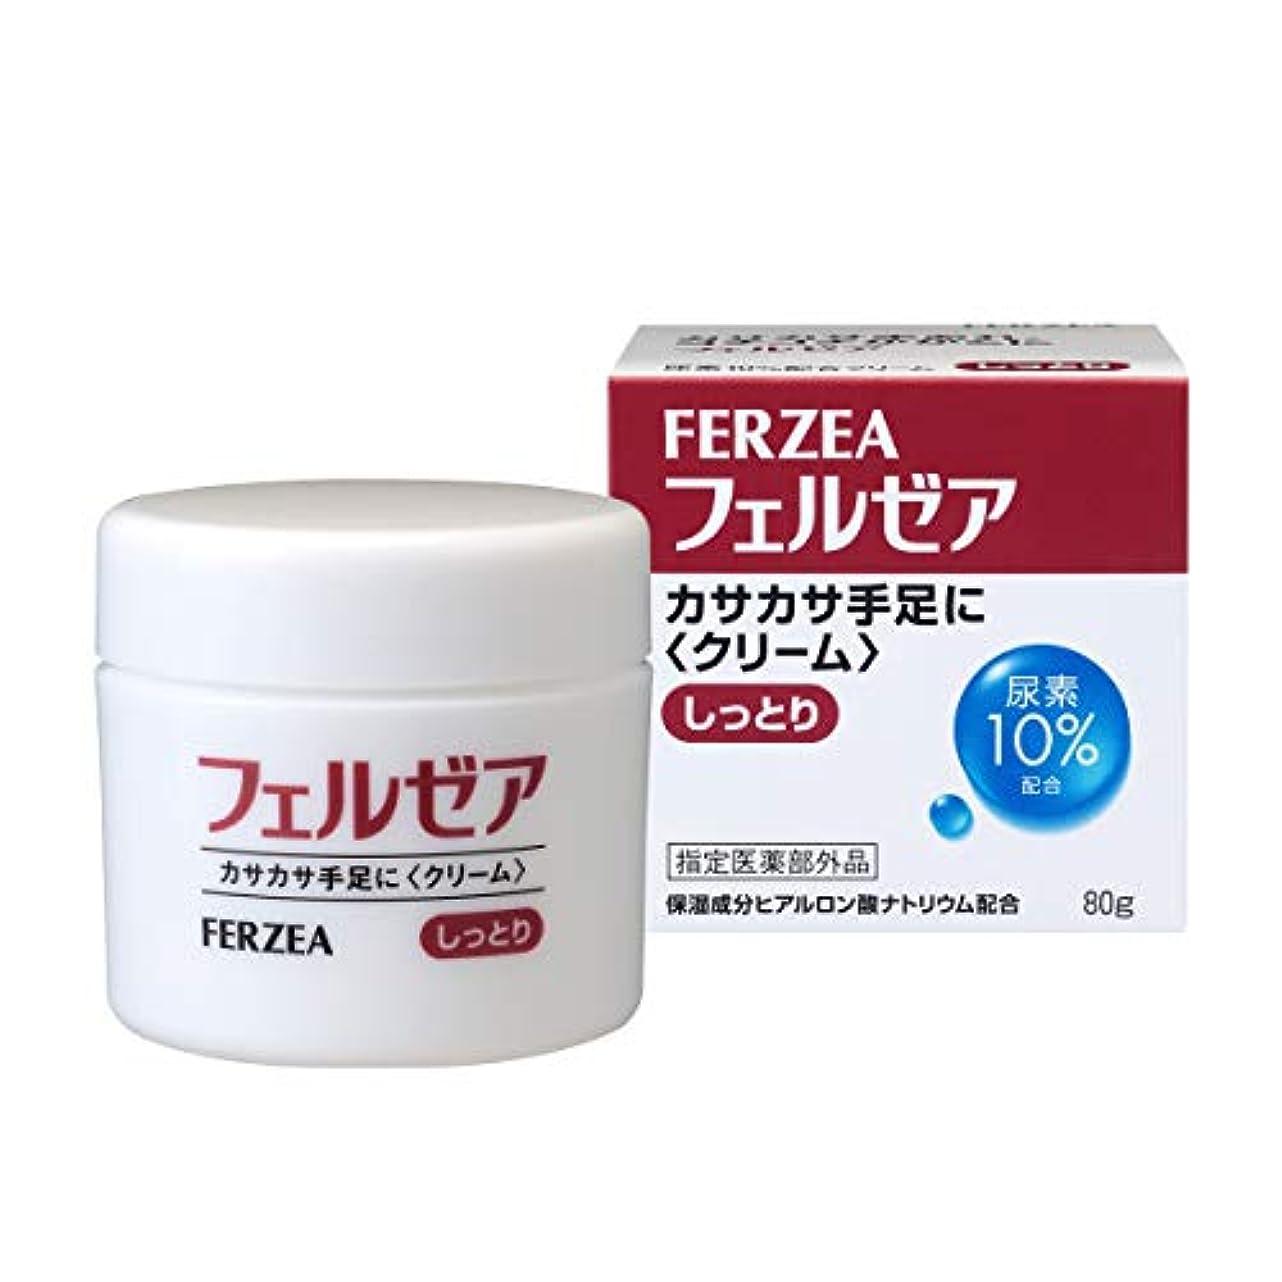 スマート理由リクルート[指定医薬部外品]フェルゼア クリームM 尿素10%配合 80g